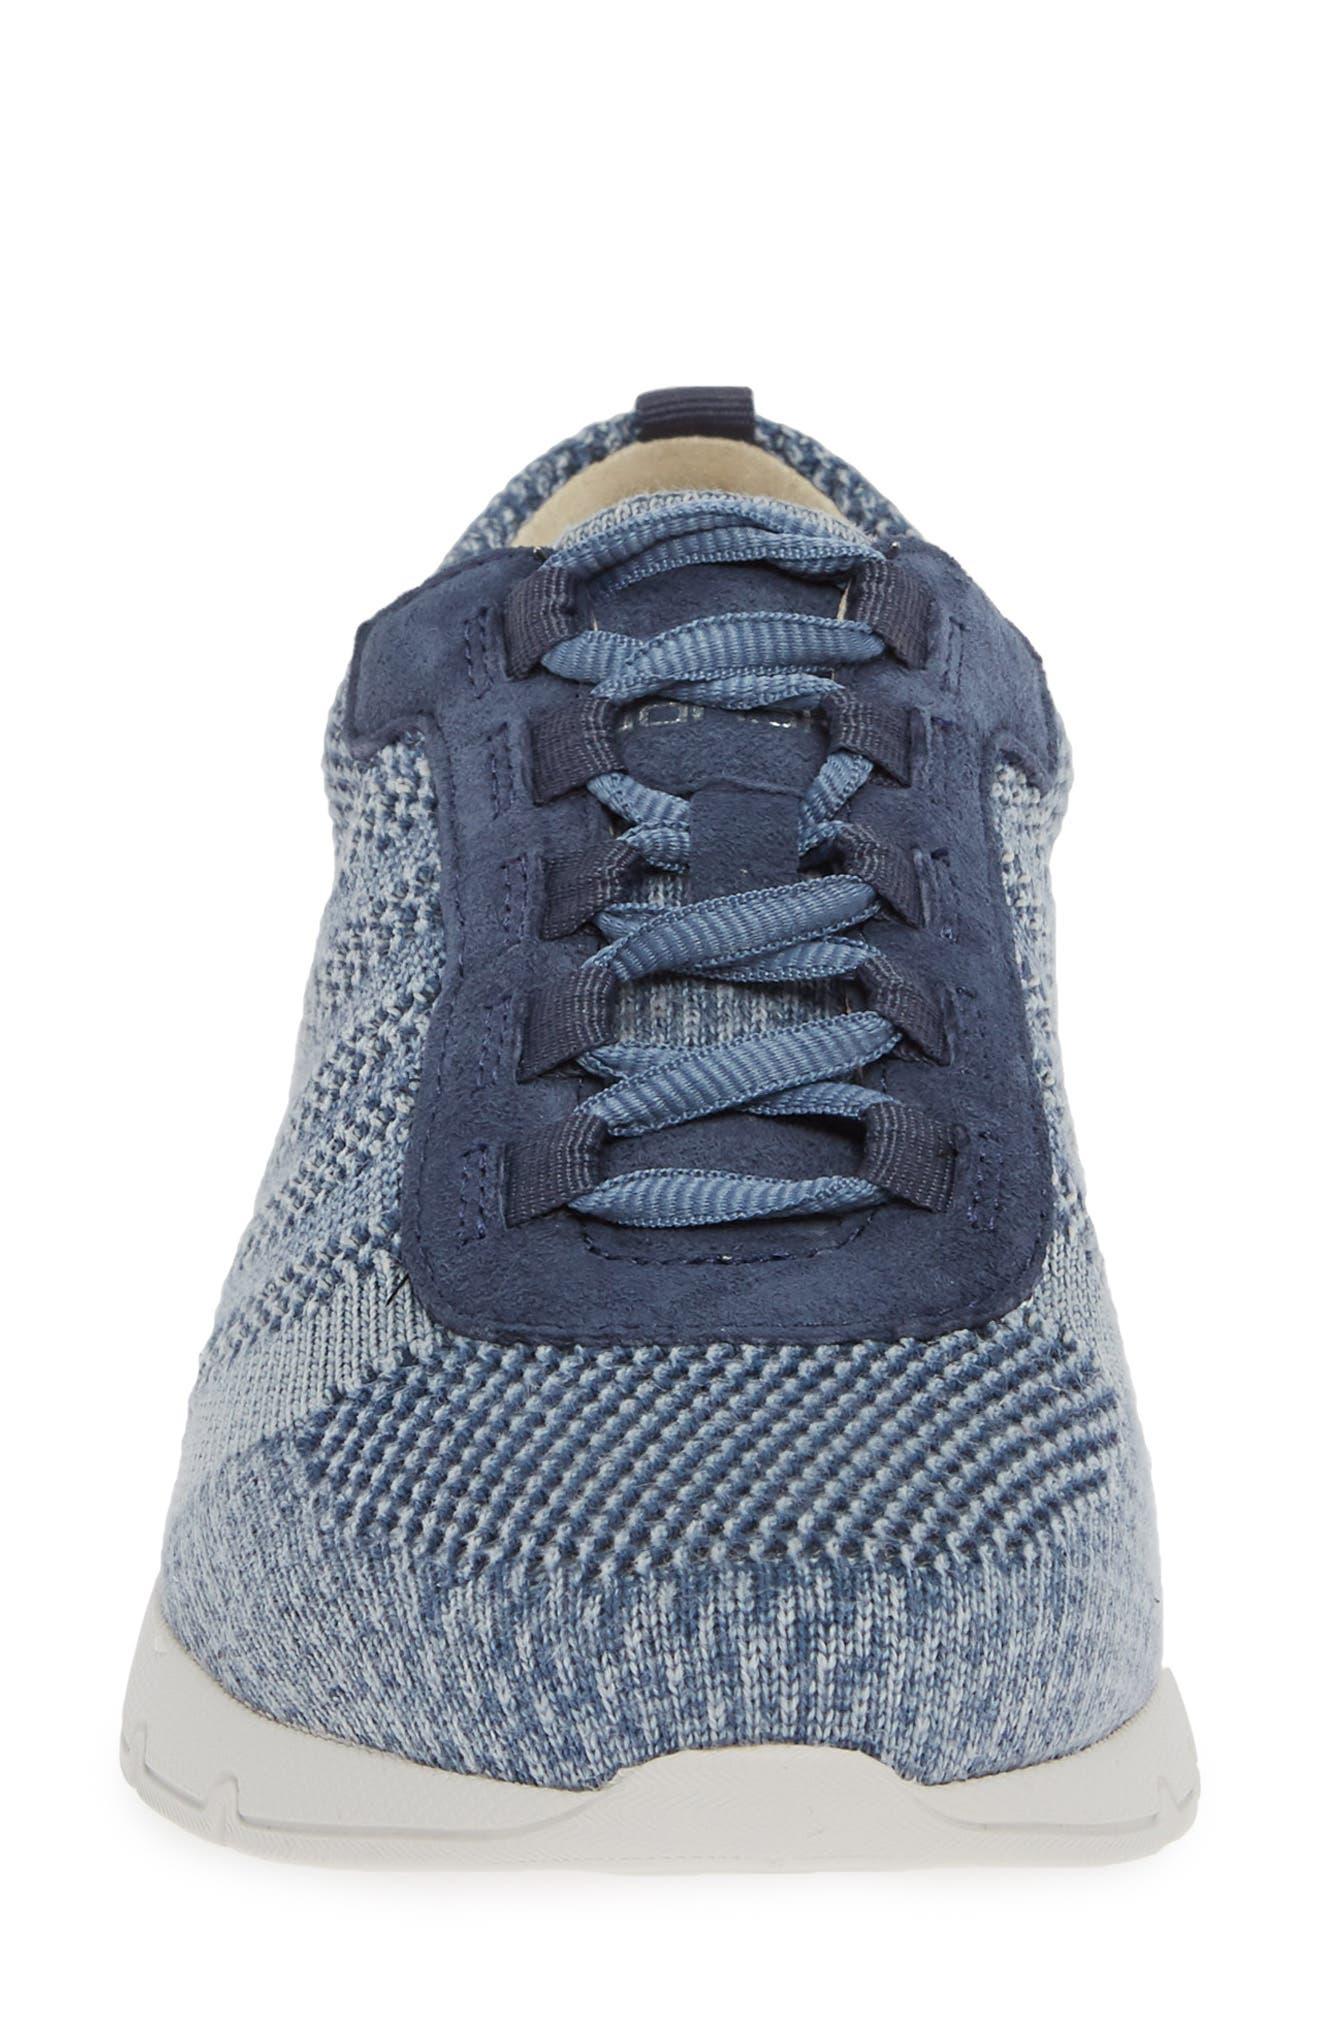 DANSKO, Adrianne Sneaker, Alternate thumbnail 4, color, DENIM